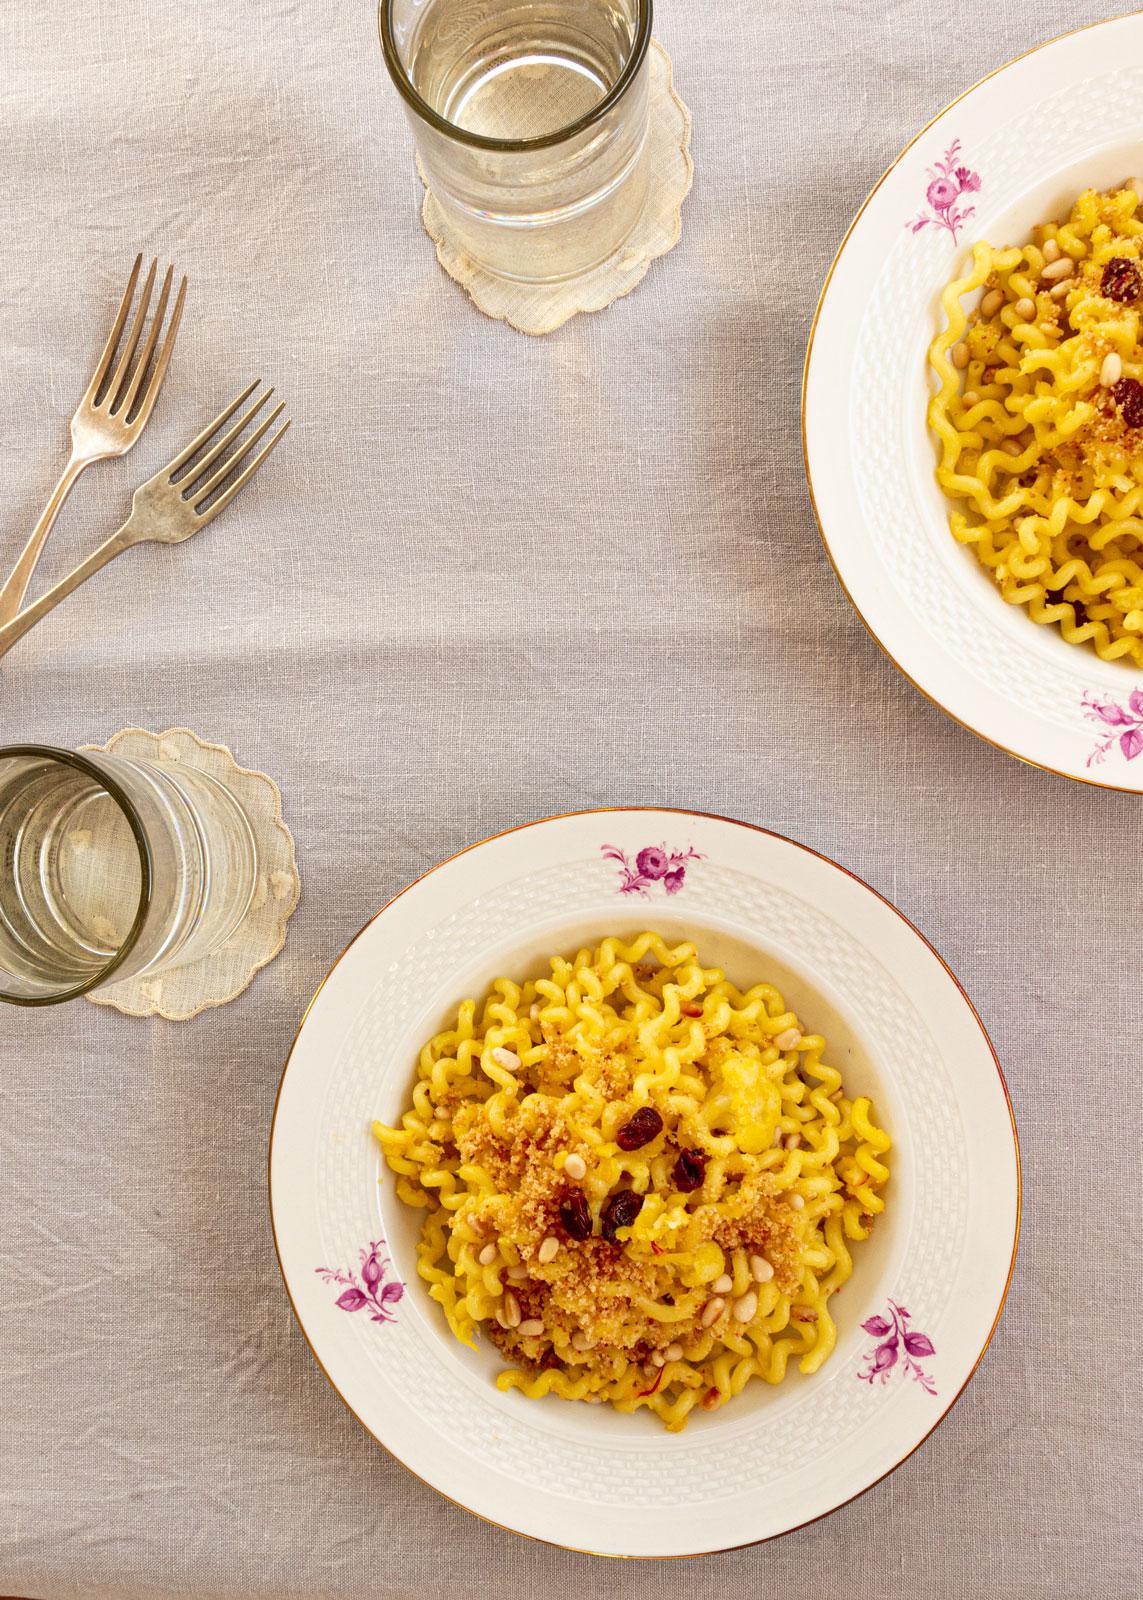 Blumenkohl Pasta alla palermitana mit Safran und rosinen